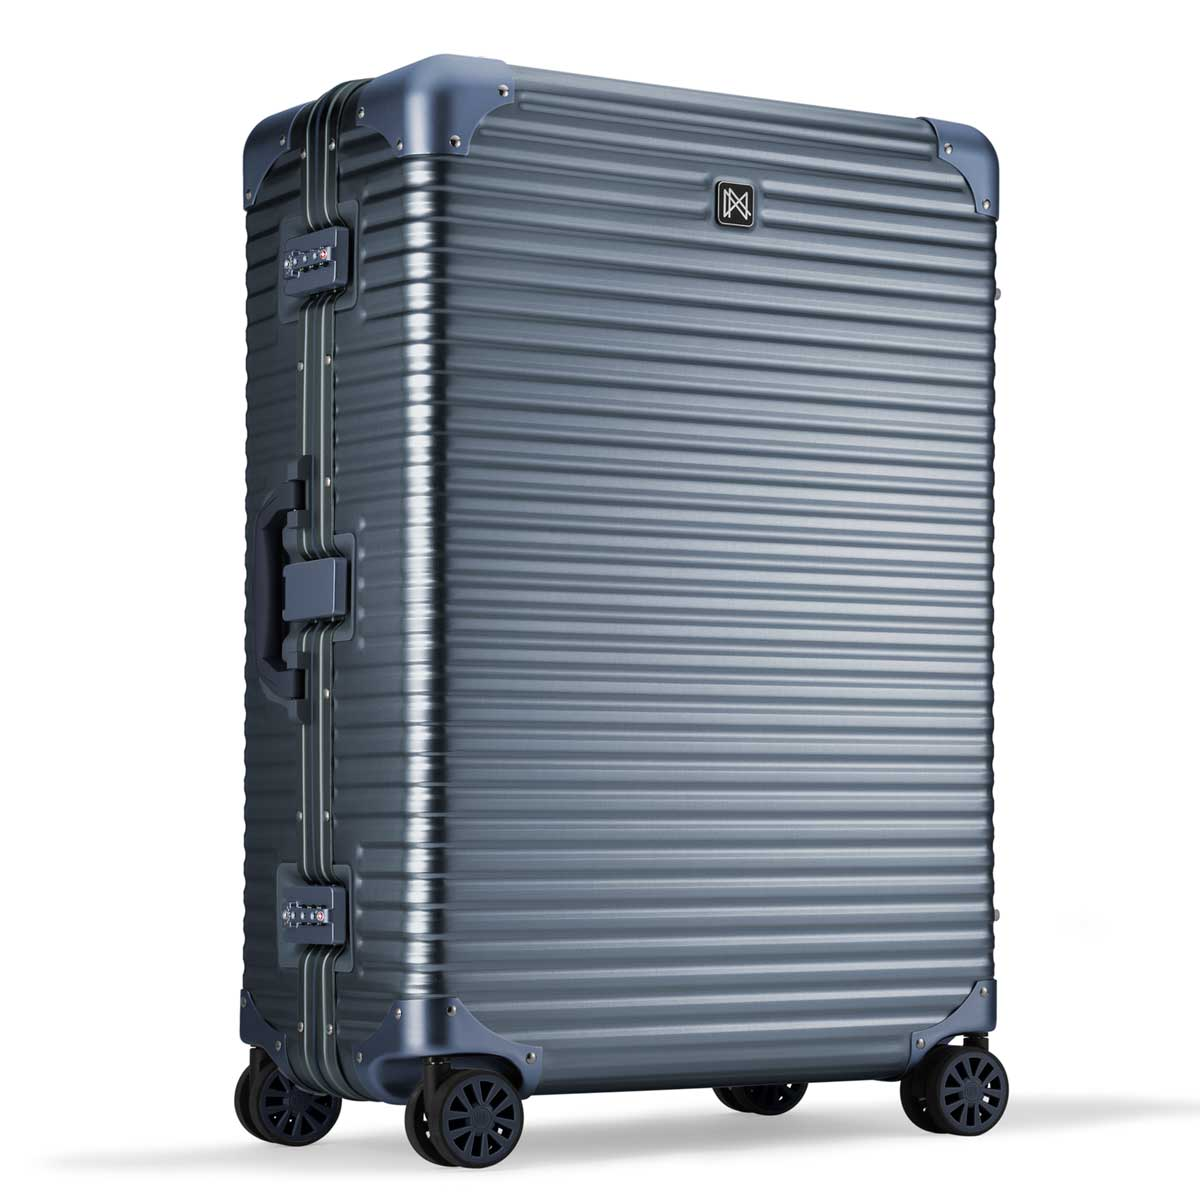 【決算セール・GoTo トラベル】ランツォ LANZZO NORMAN ノーマン 4輪 87L 約7.0kg ダイアルロック式 アルミ スーツケース Al-Mg29 162906 GRAY(グレー)【返品交換不可】special priceAM